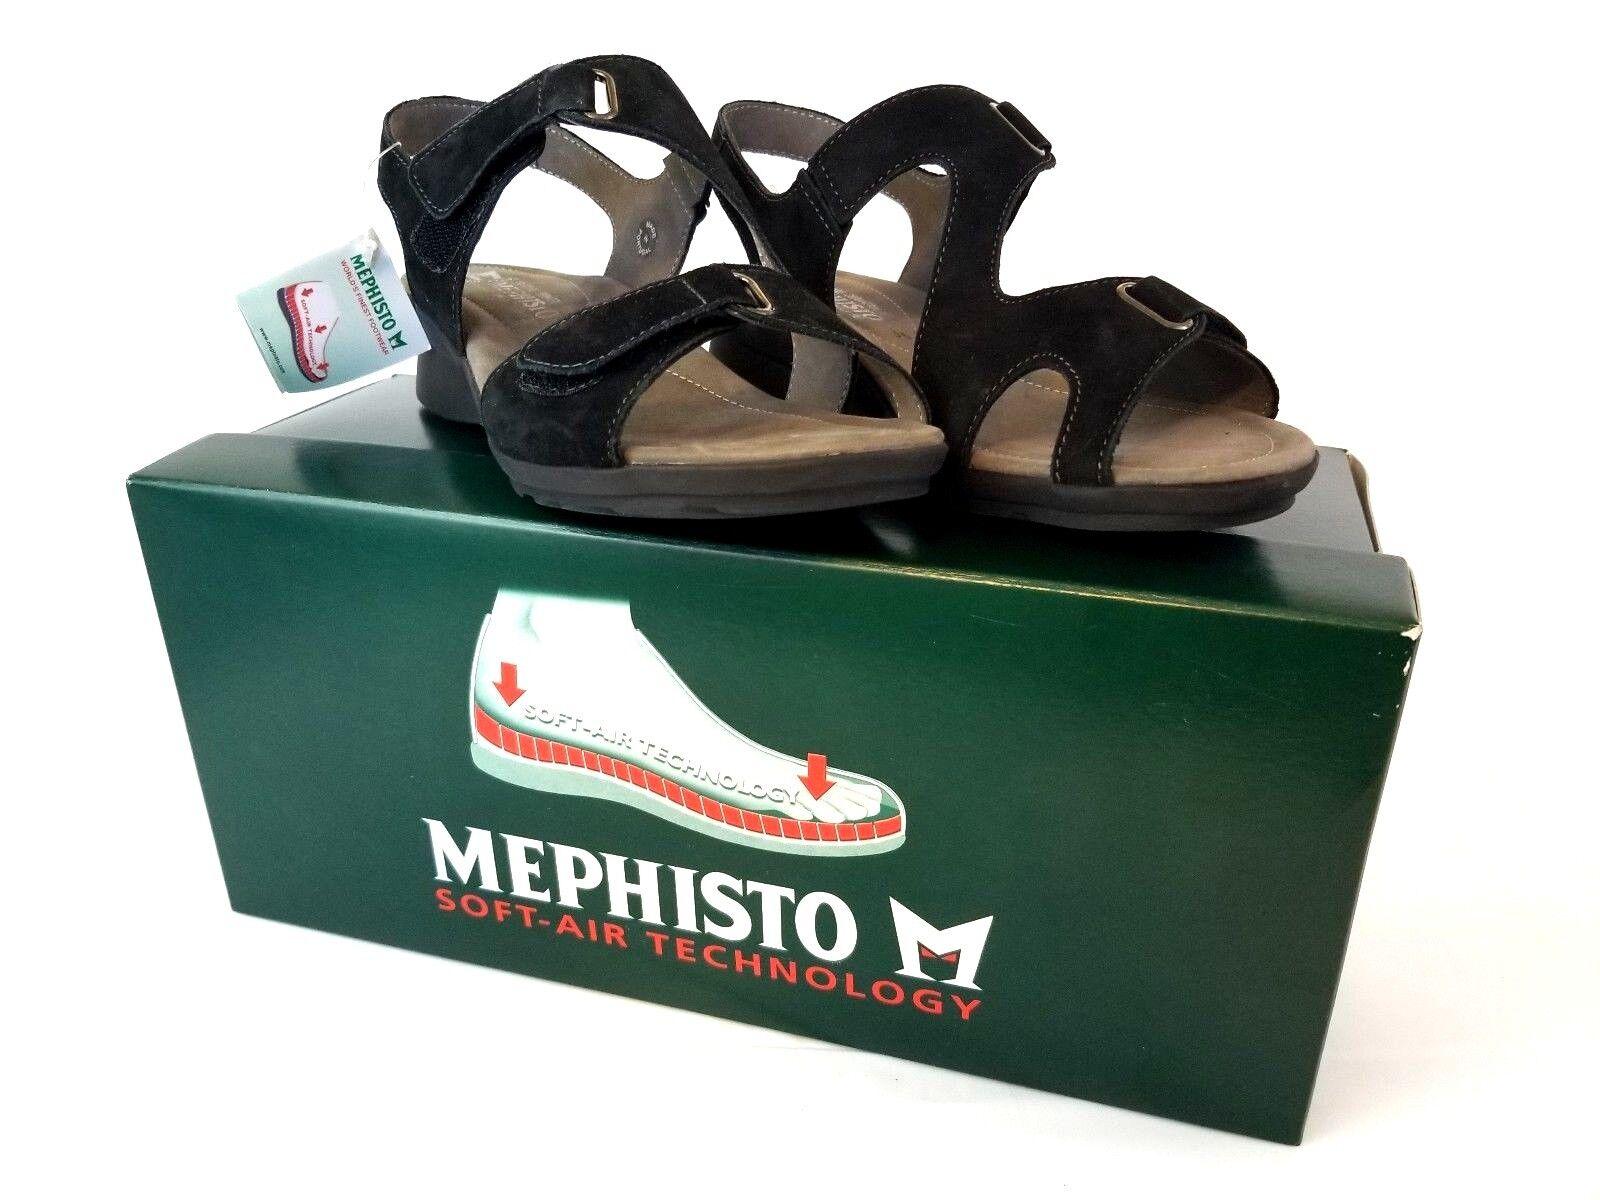 Mephisto Paris para Mujeres Sandalias Negro bucksoft 6900 100% caucho US 6 E36 Z447